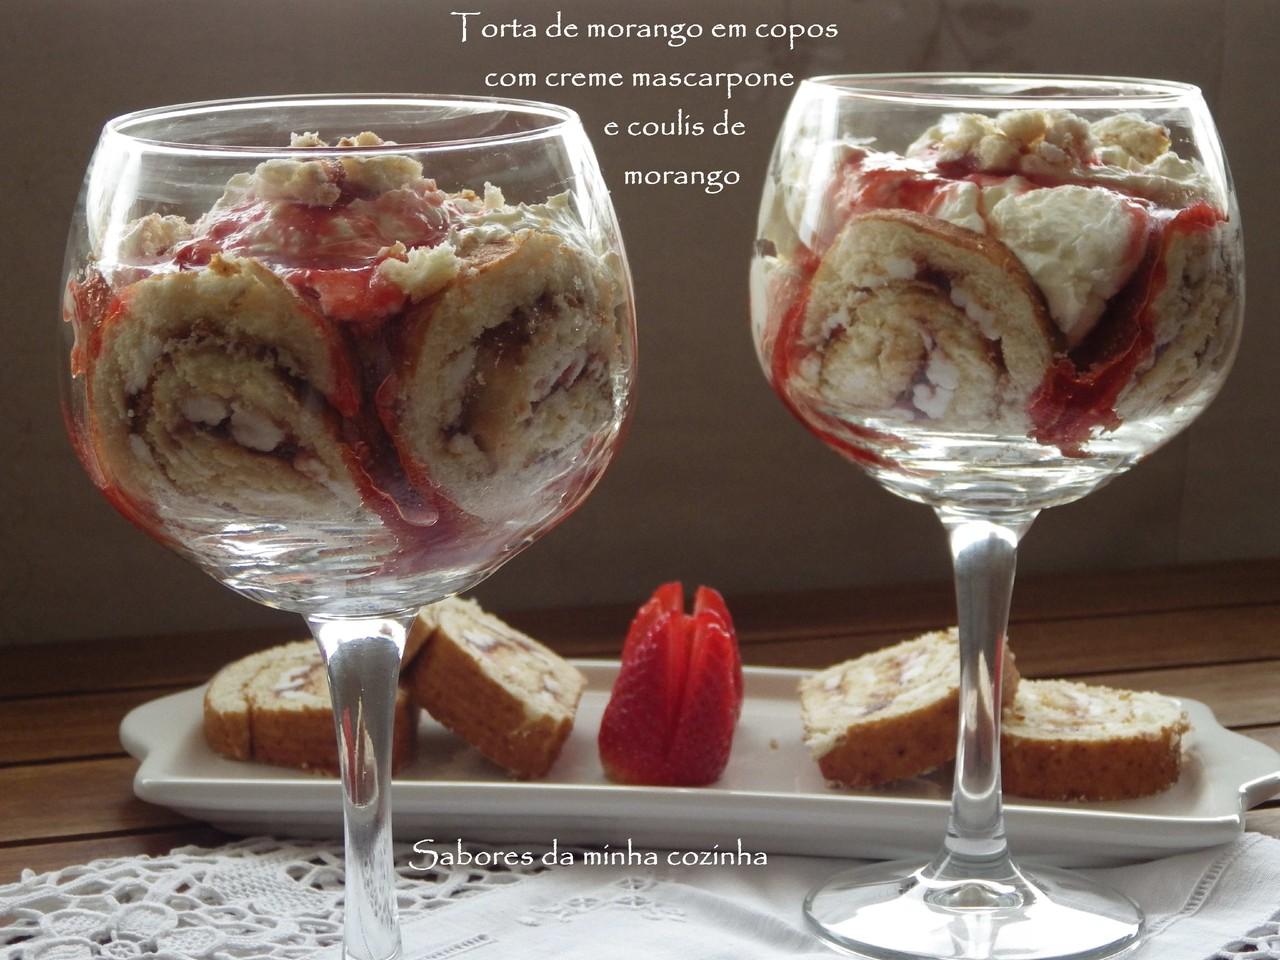 IMGP4311-Torta de morango em copos com creme masca